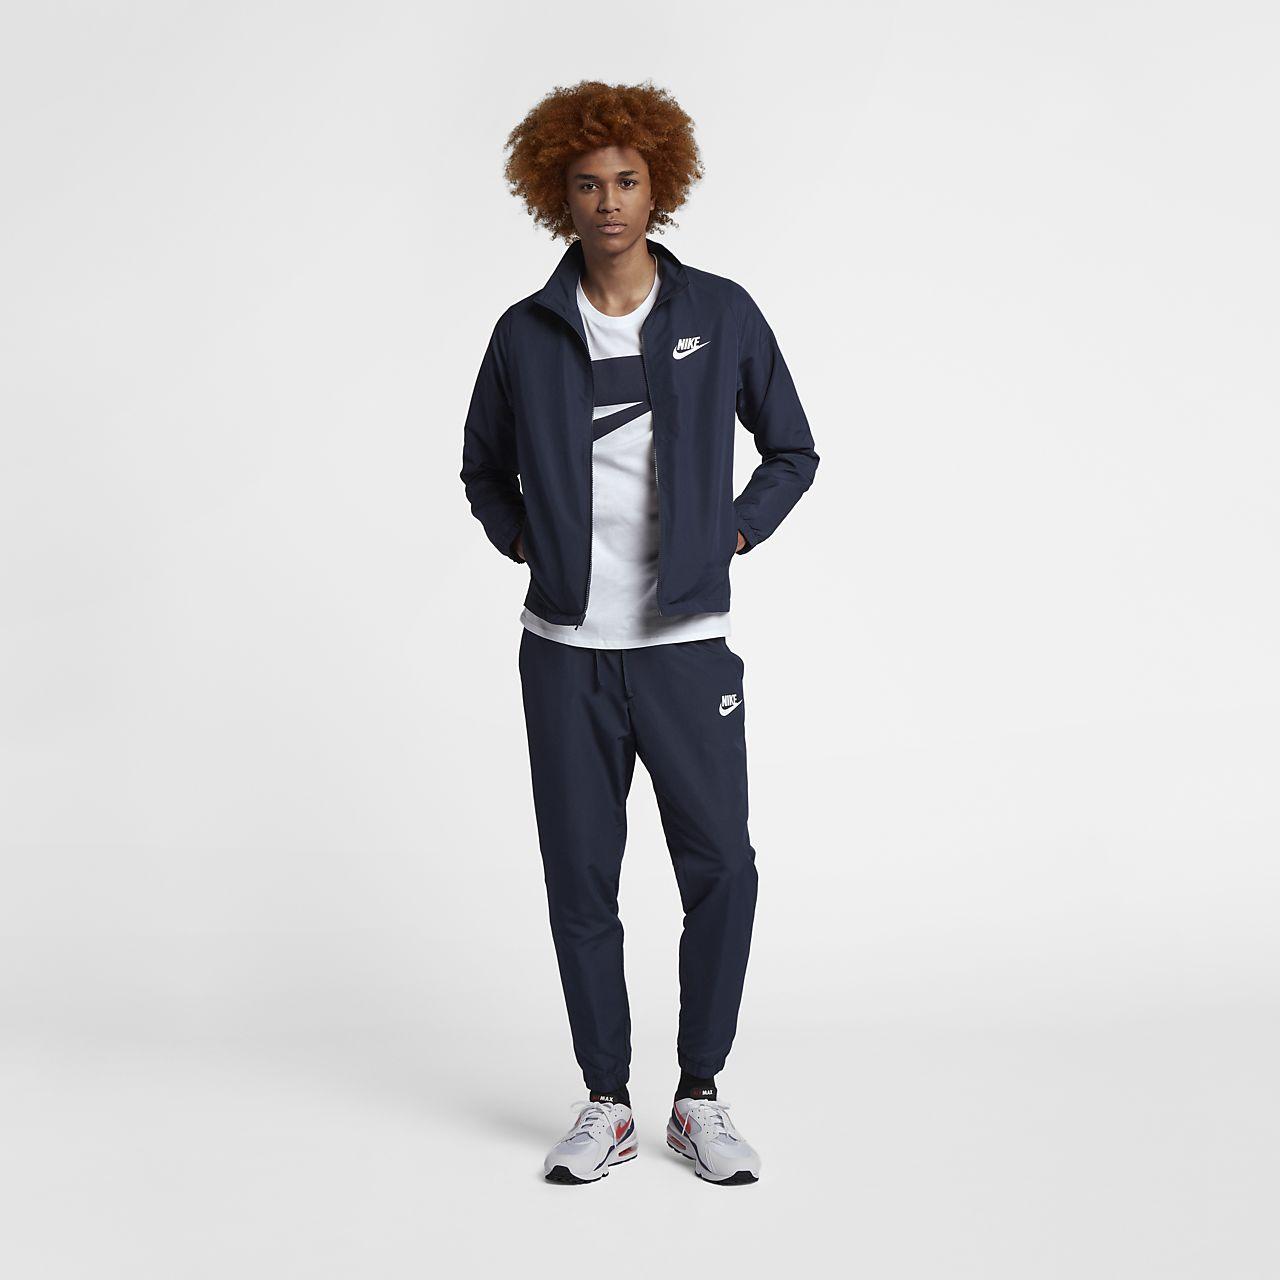 Nike Sportswear Men's Woven Track Suit